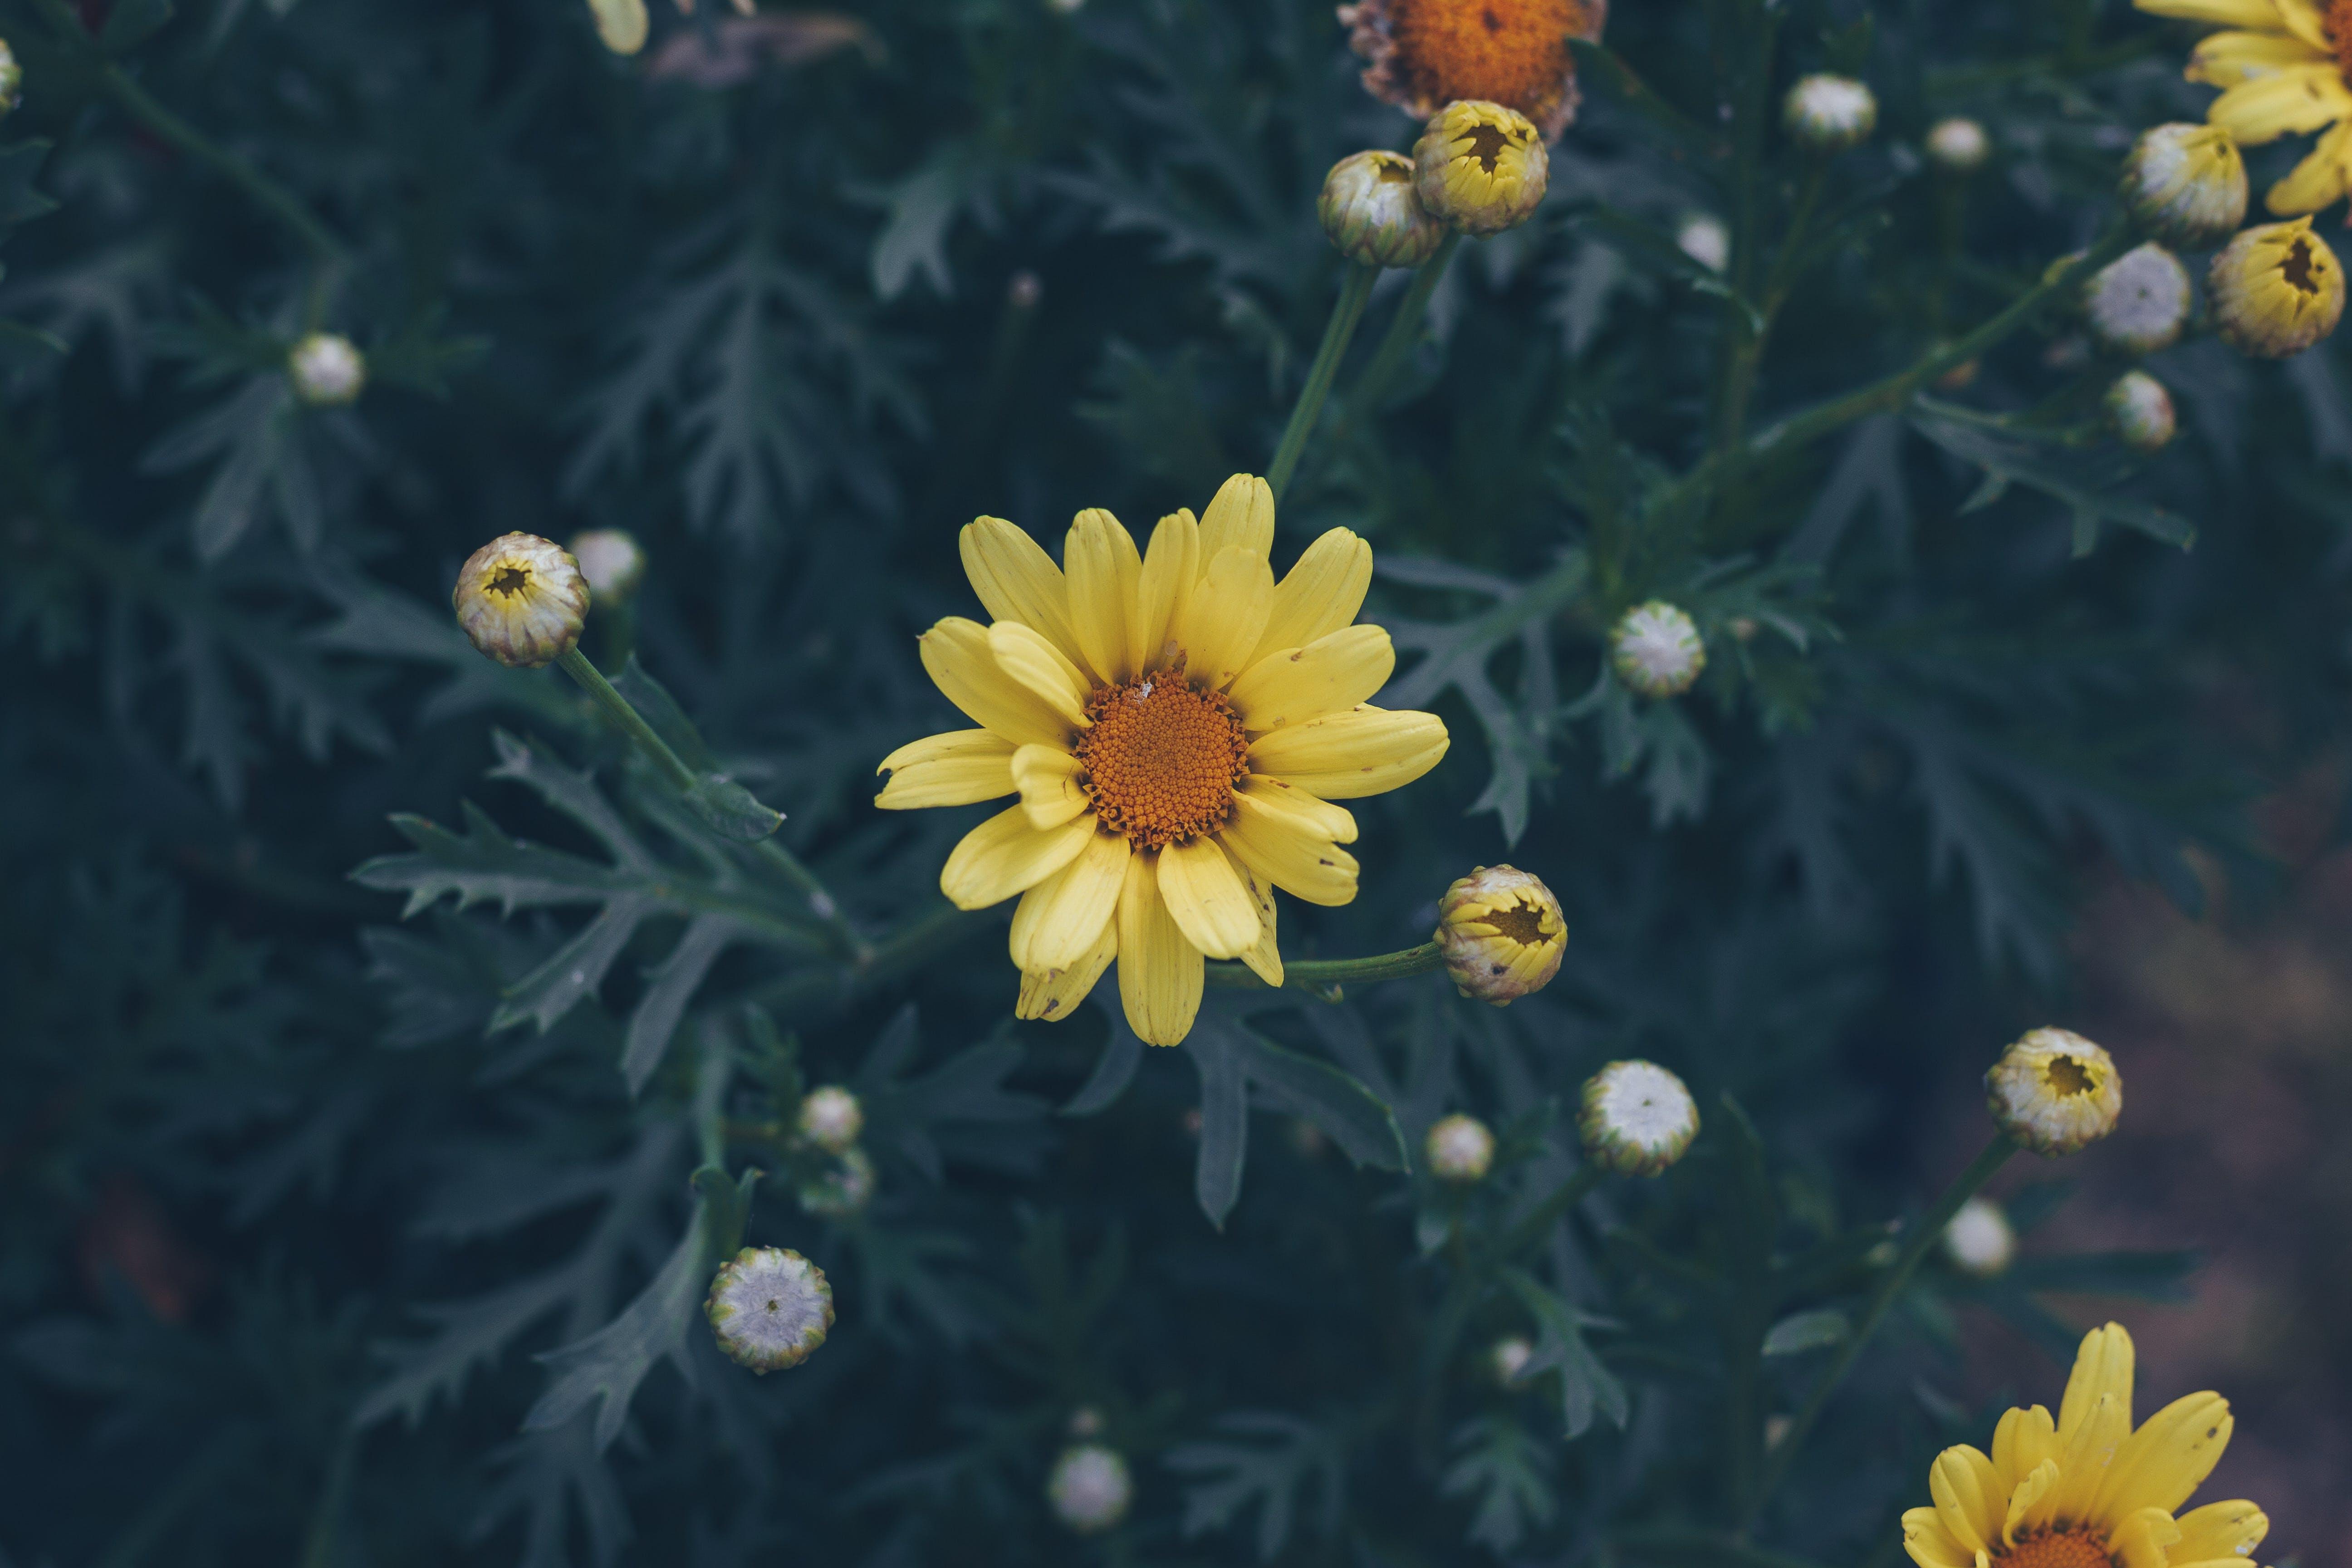 Fotos de stock gratuitas de bonito, brotes, color, crecimiento